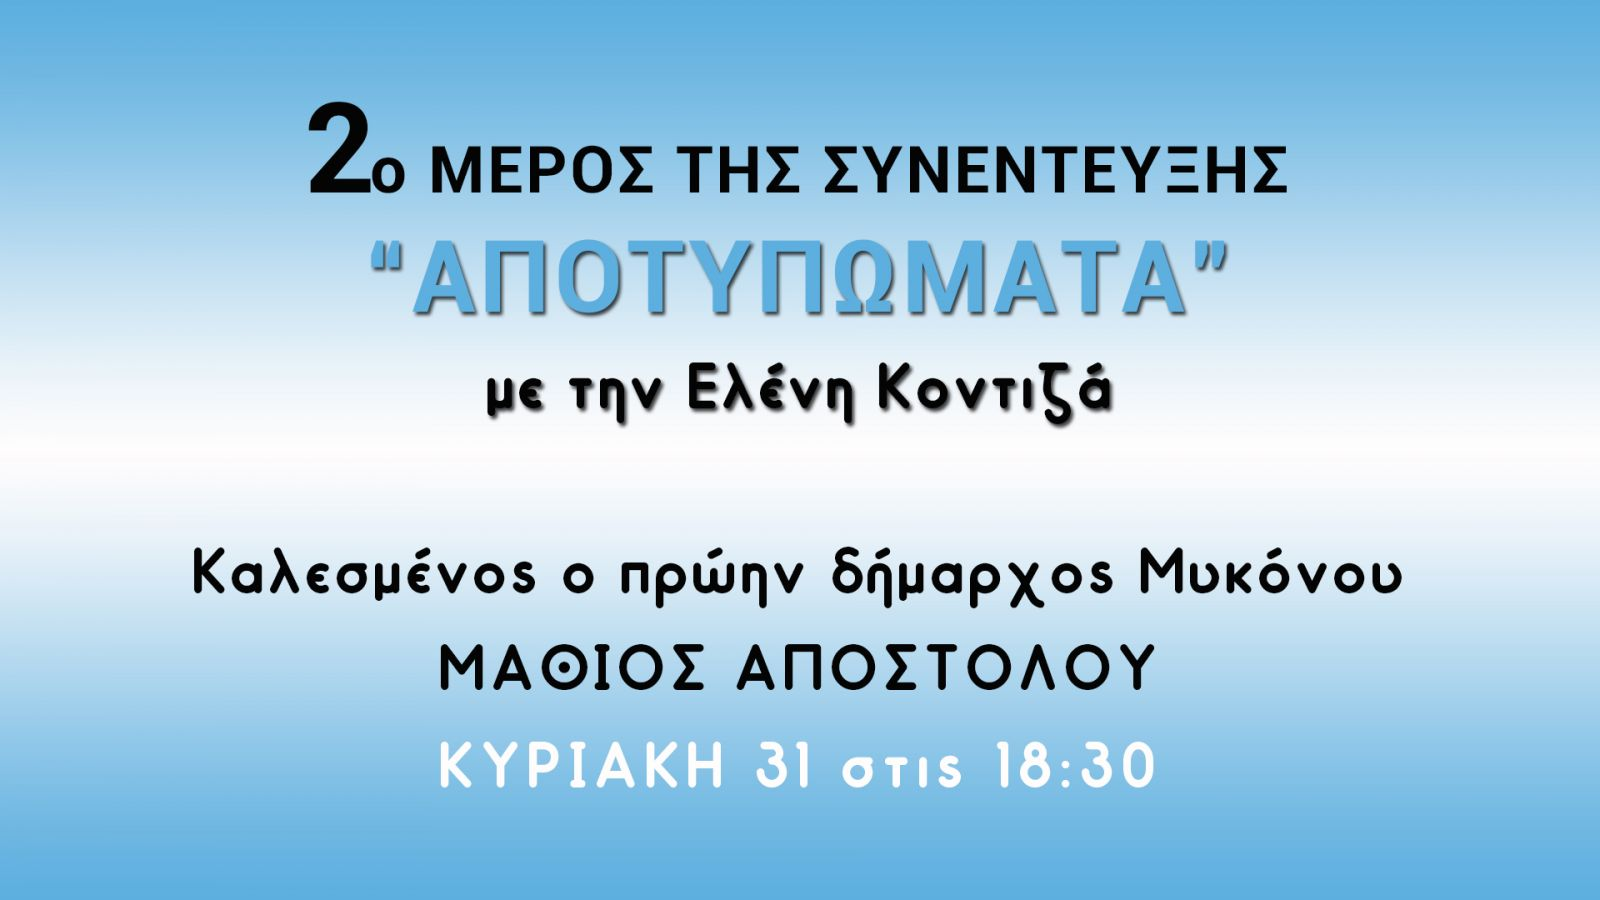 Δείτε τώρα το 2ο μέρος της συνέντευξης του Μαθιού Αποστόλου στην εκπομπή «ΑΠΟΤΥΠΩΜΑΤΑ»